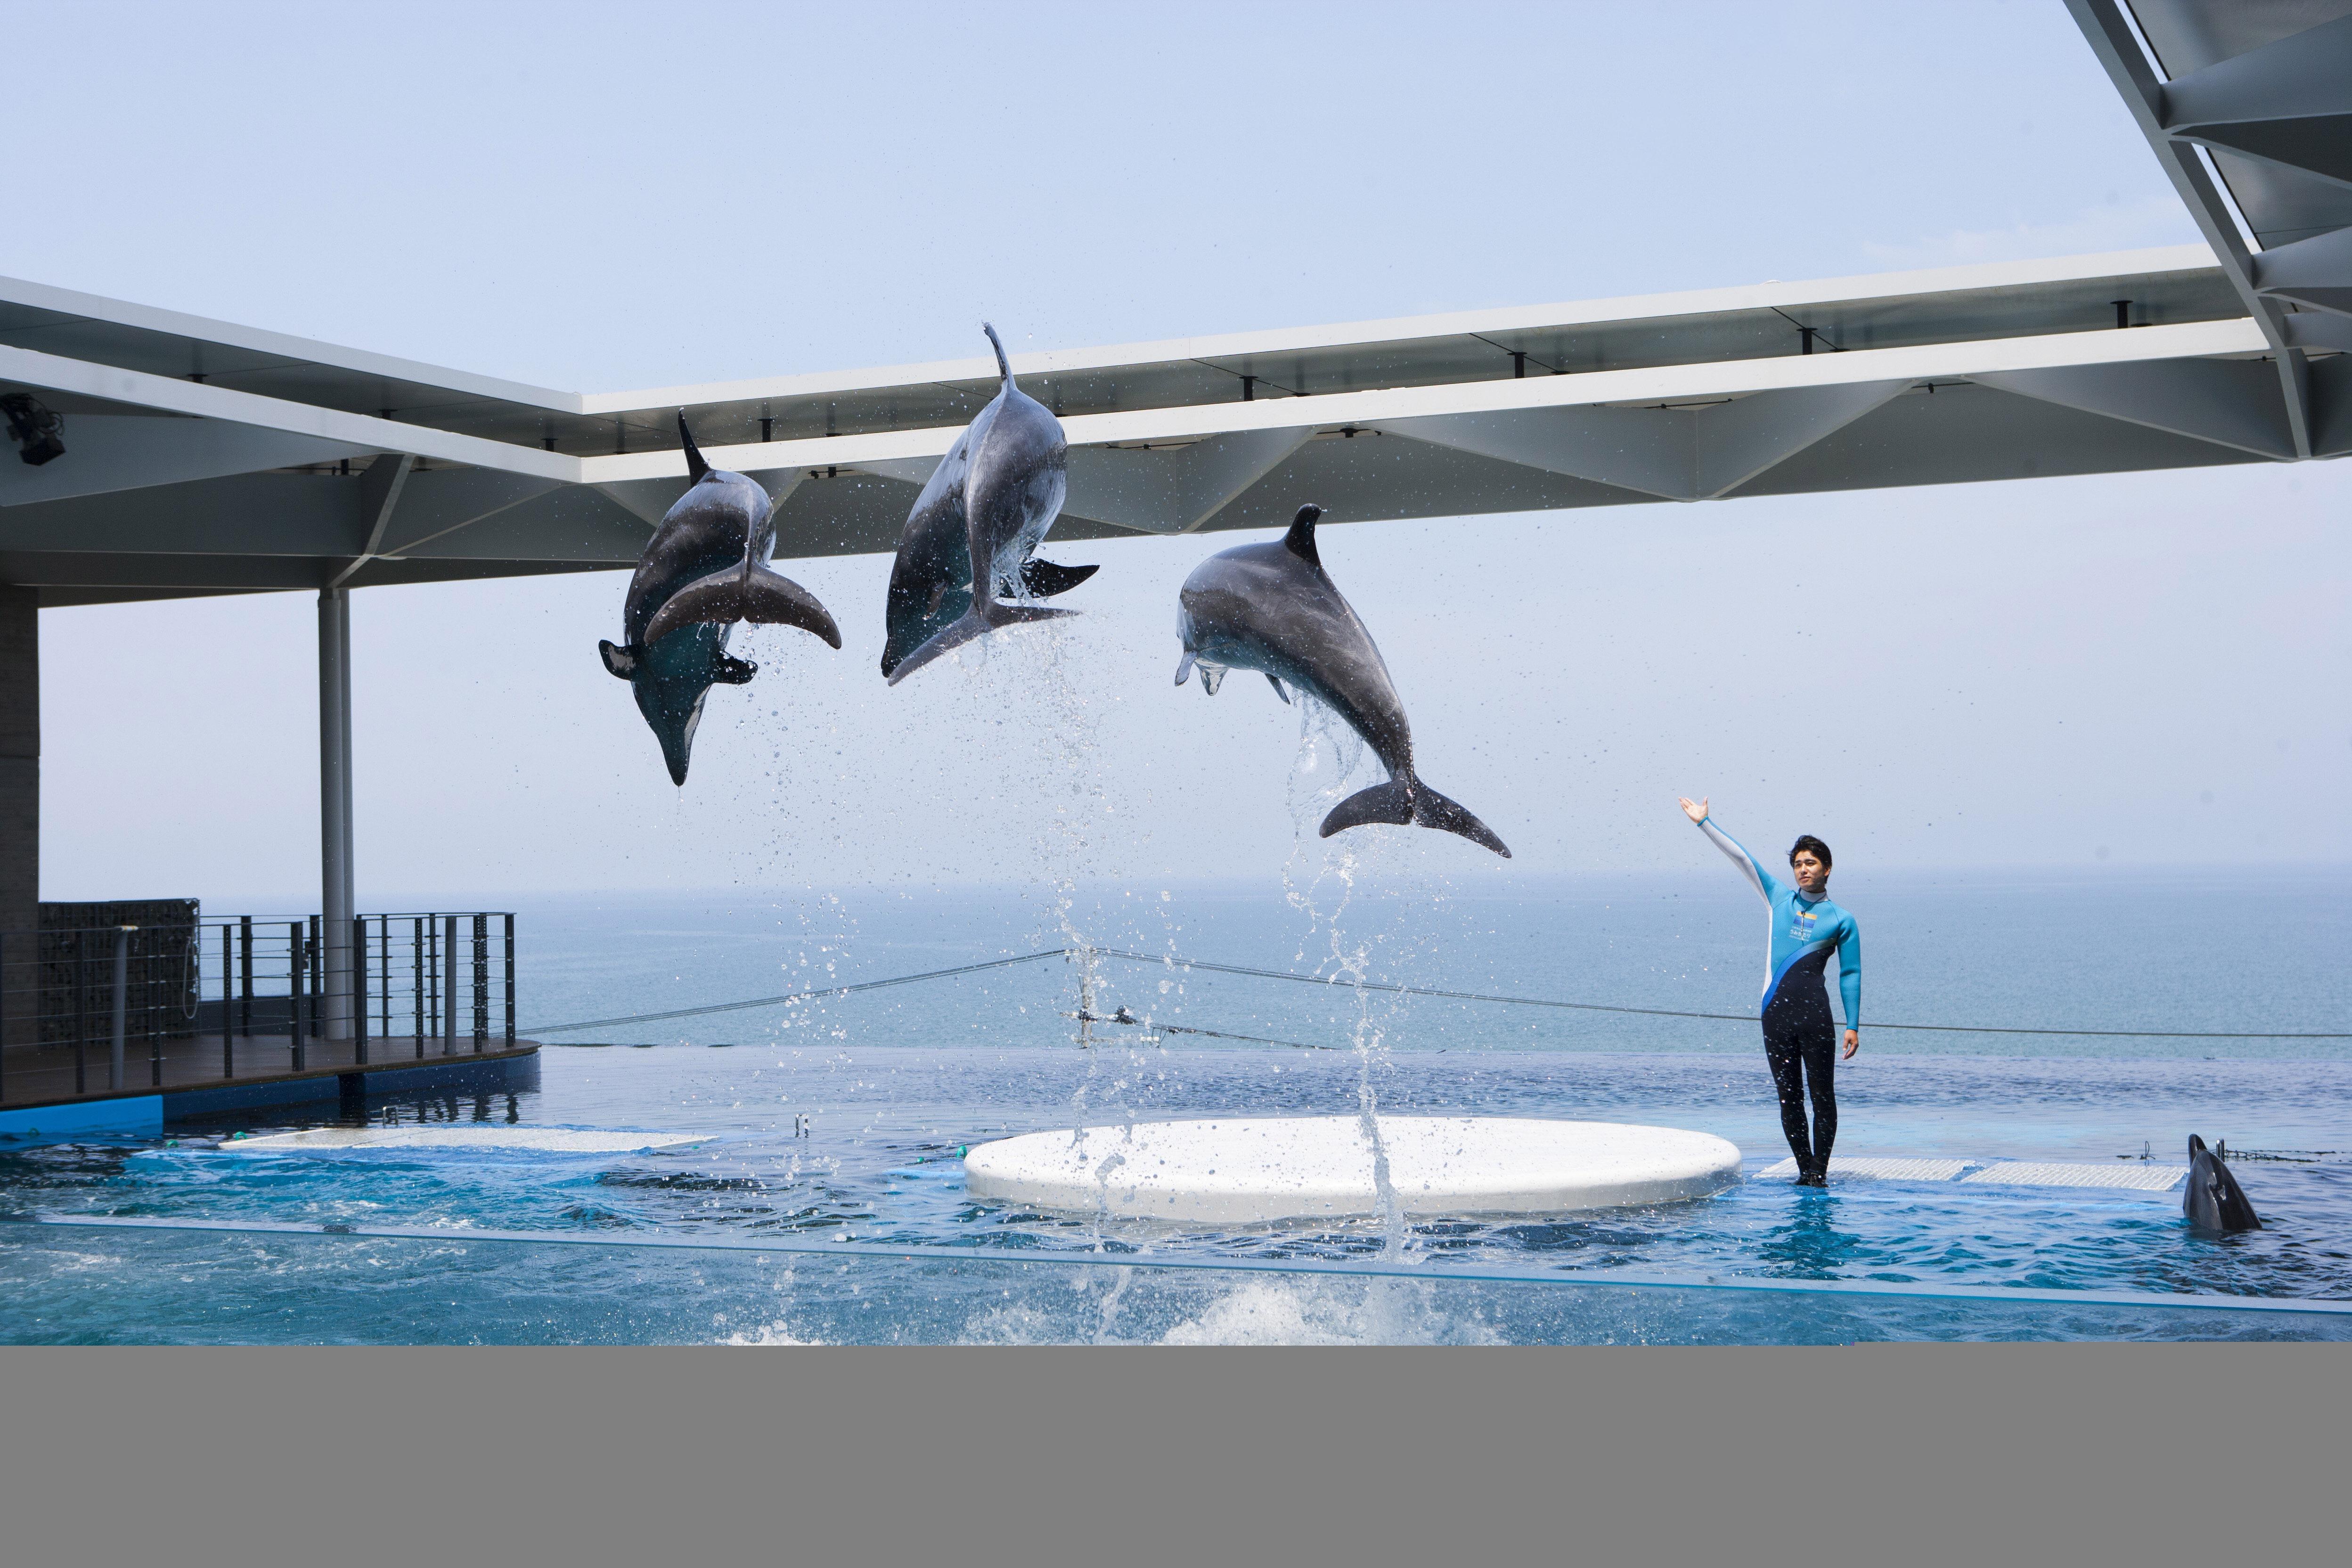 イルカたちの力強いパフォーマンス